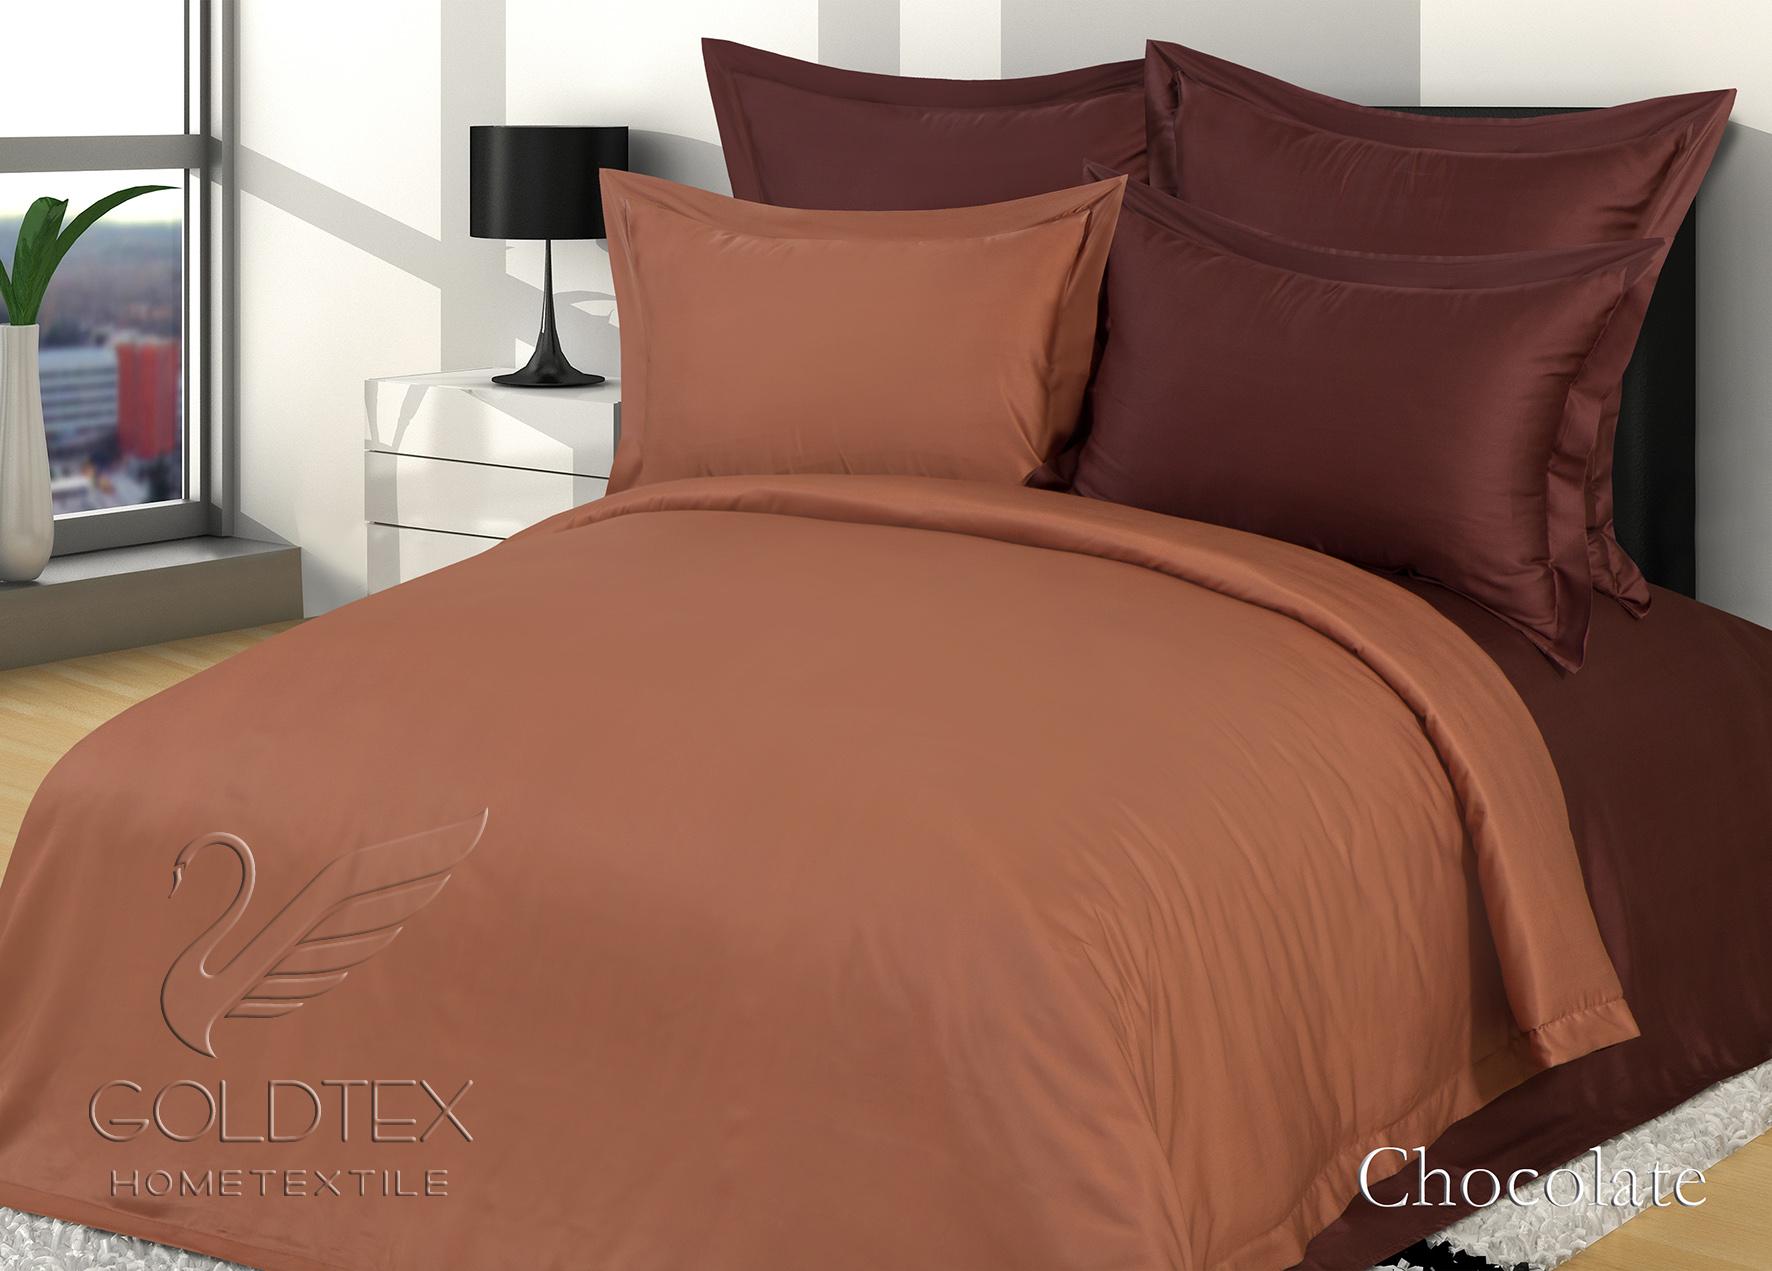 Комплект  Chocolate , размер Евро с 4 наволочками - Постельное белье артикул: 10857